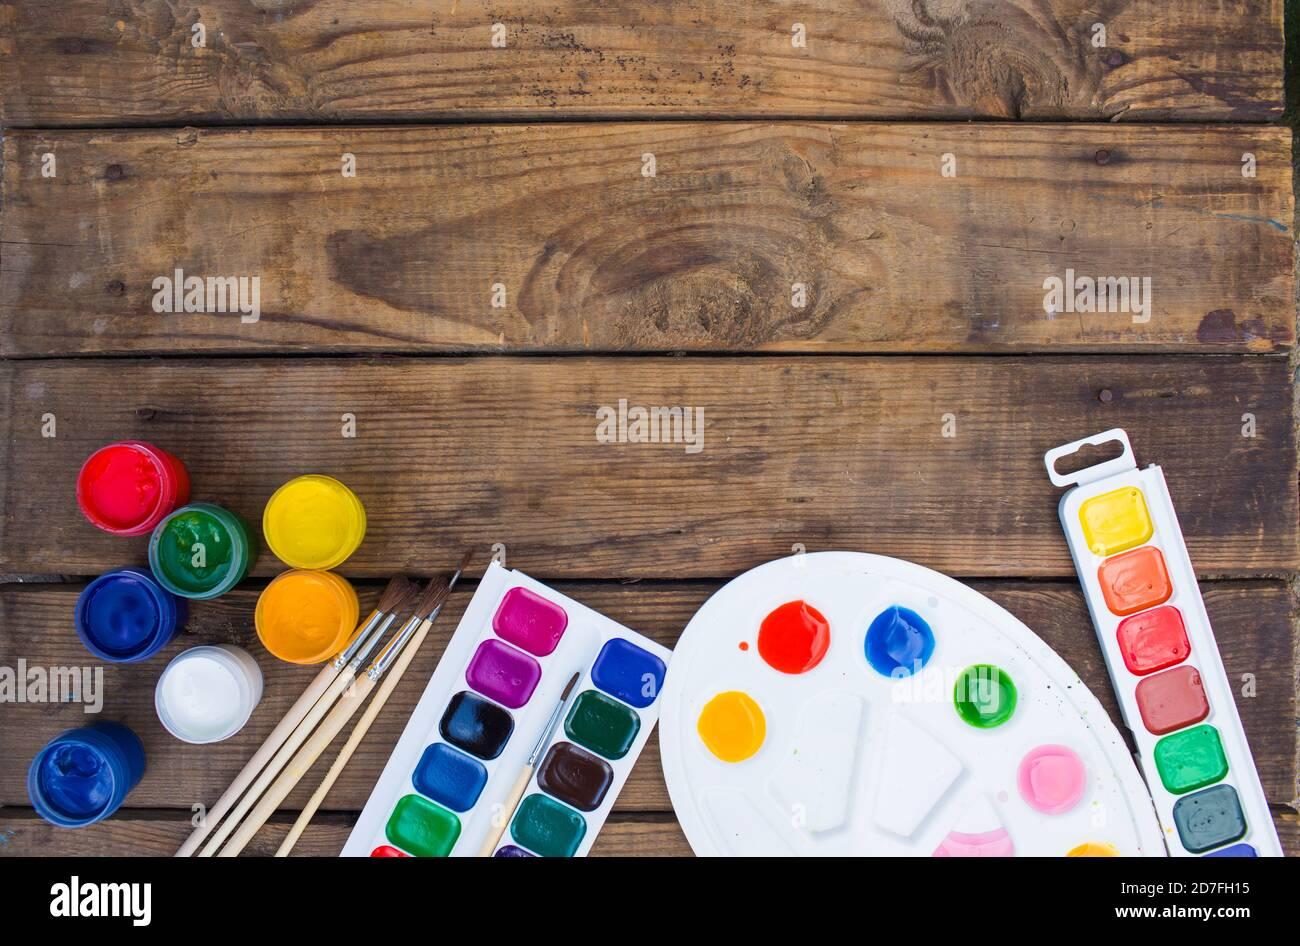 pinturas multicolor, paleta de pinceles, pincel, yacen en una vista superior de fondo de madera Foto de stock